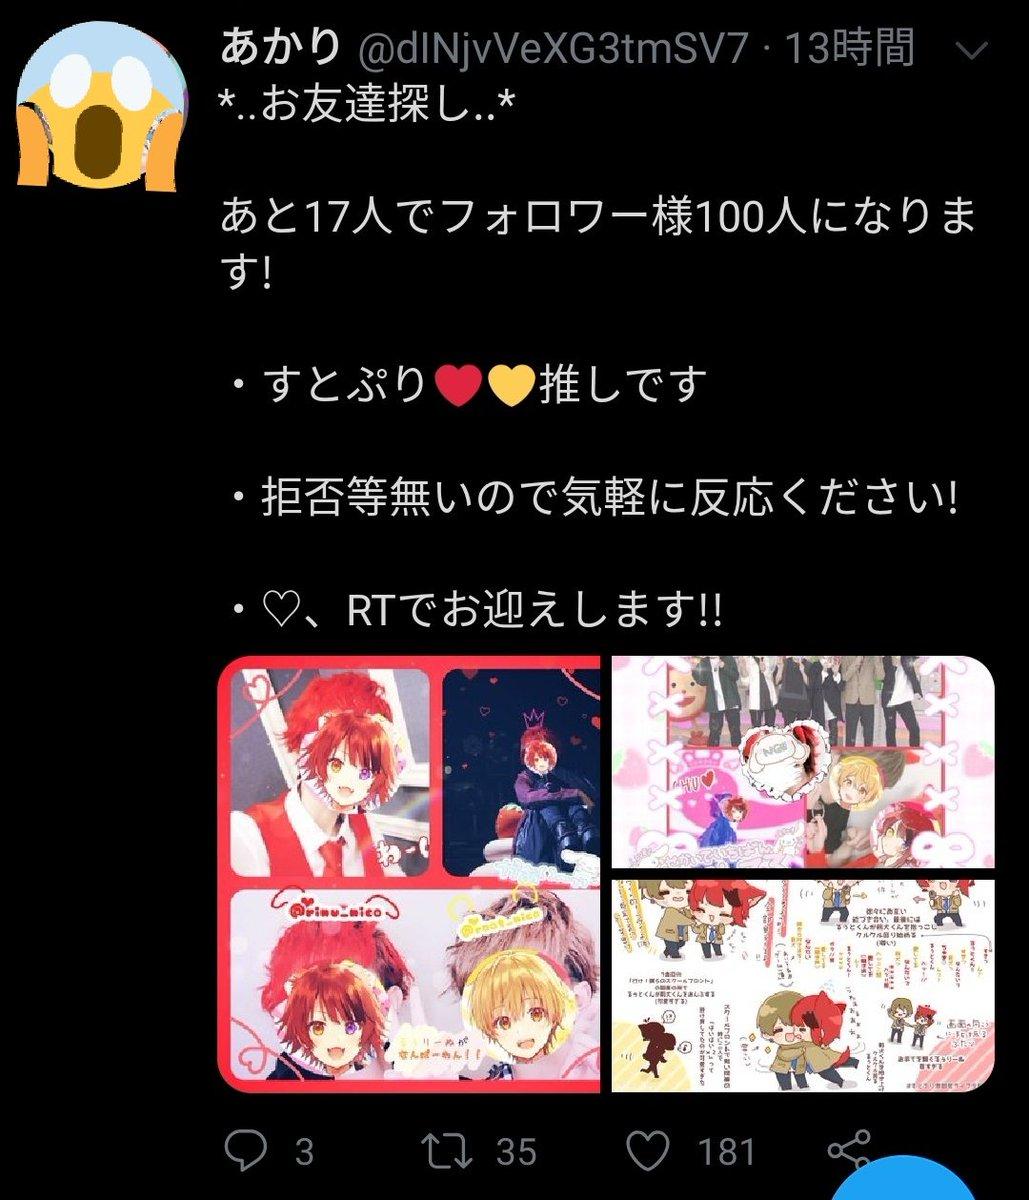 ツイッターリアルタイム動画100